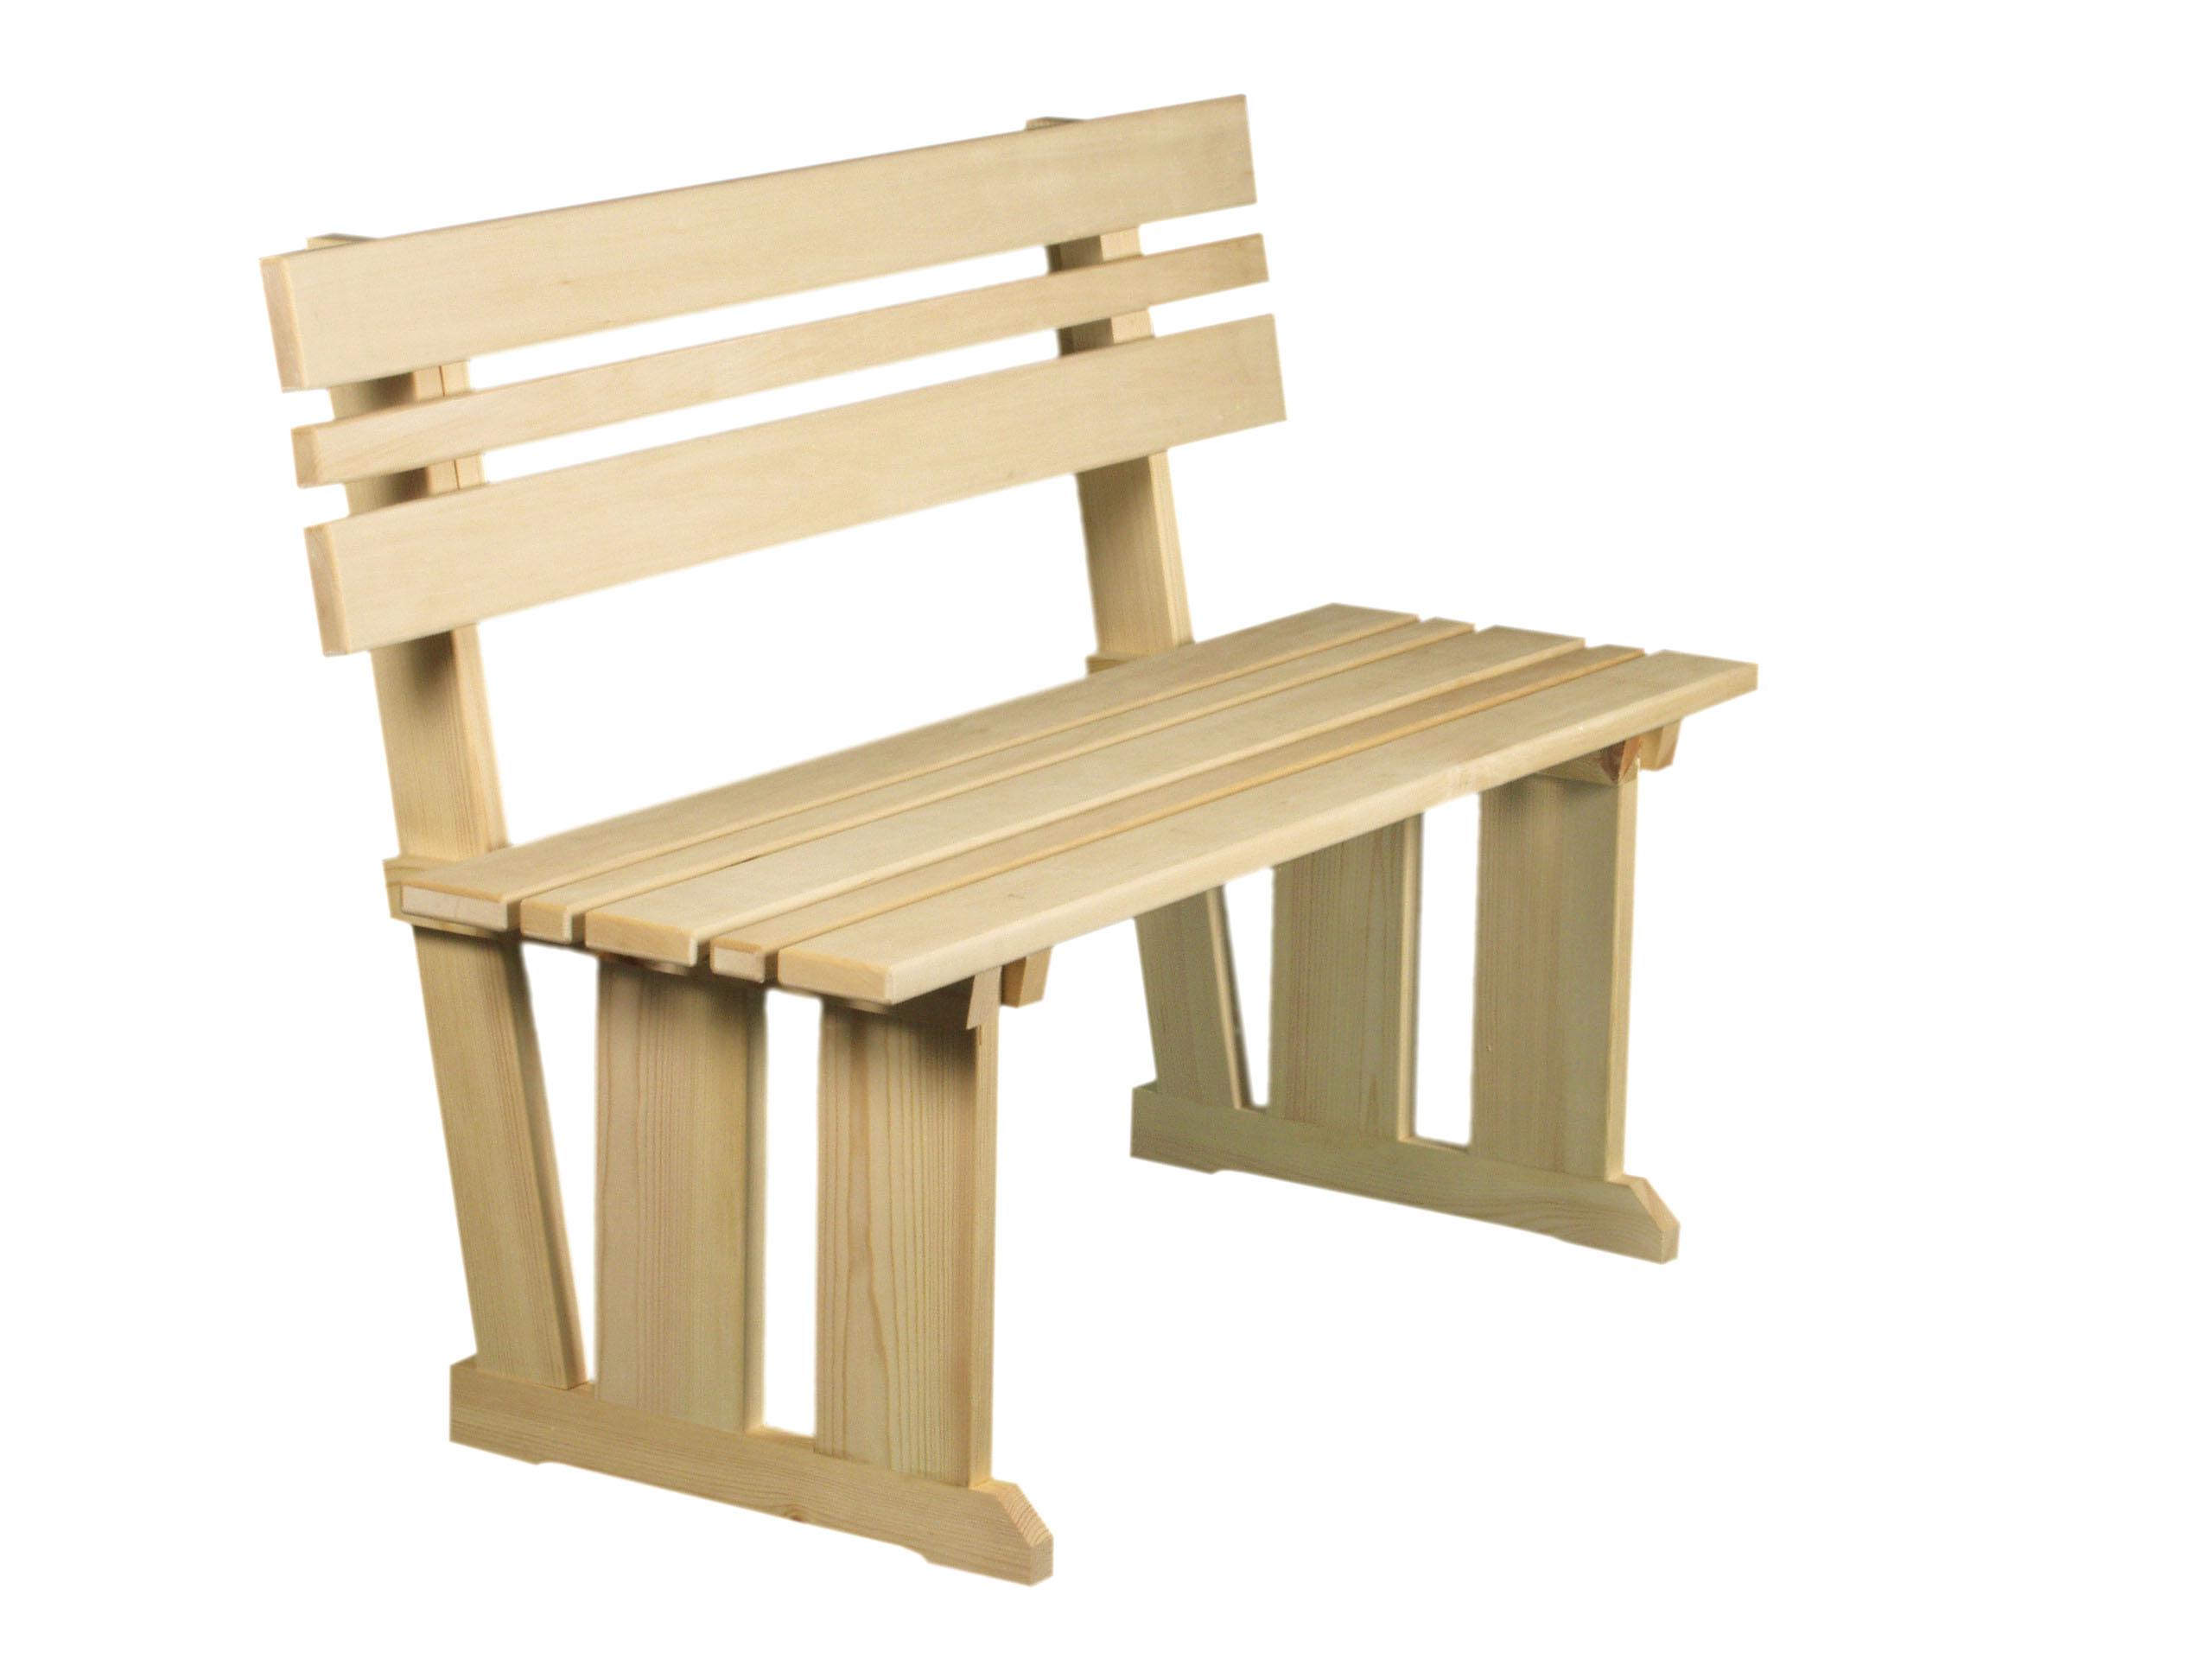 Как сделать скамейку со спинкой своими руками: чертеж, размеры 53